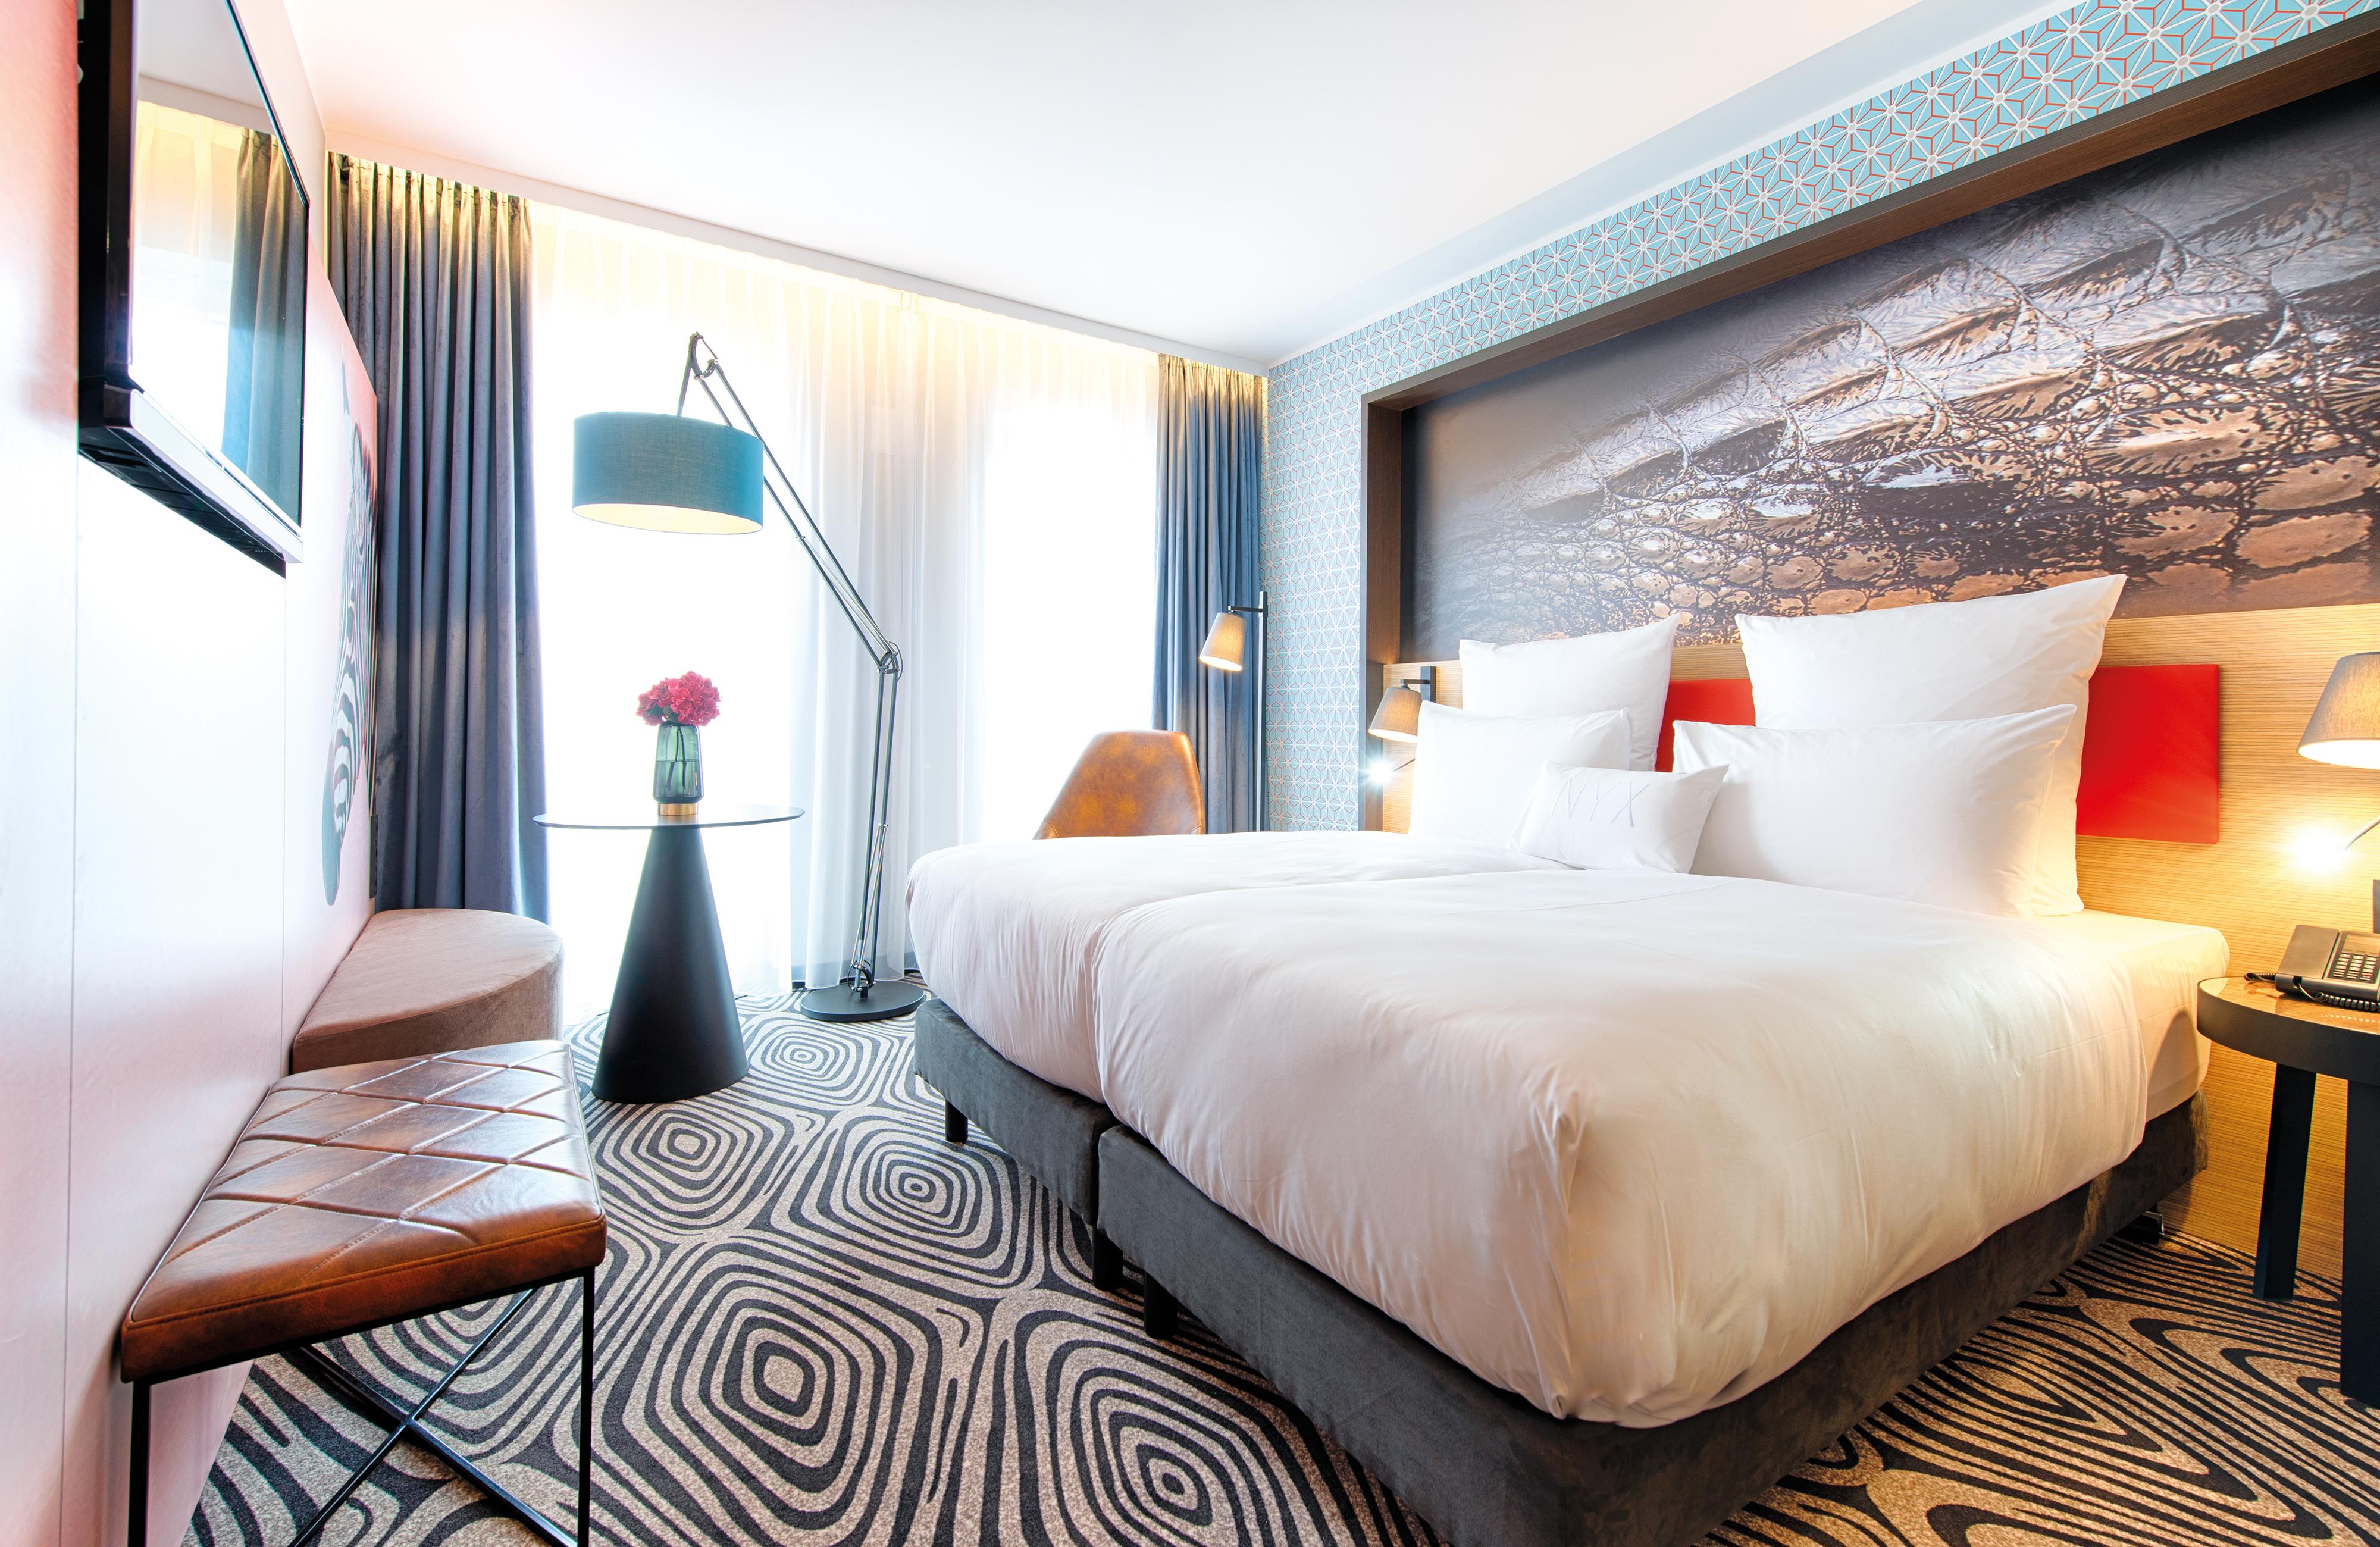 Eröffnung des neuen NYX Hotels in München - Modernes Design City Hotel